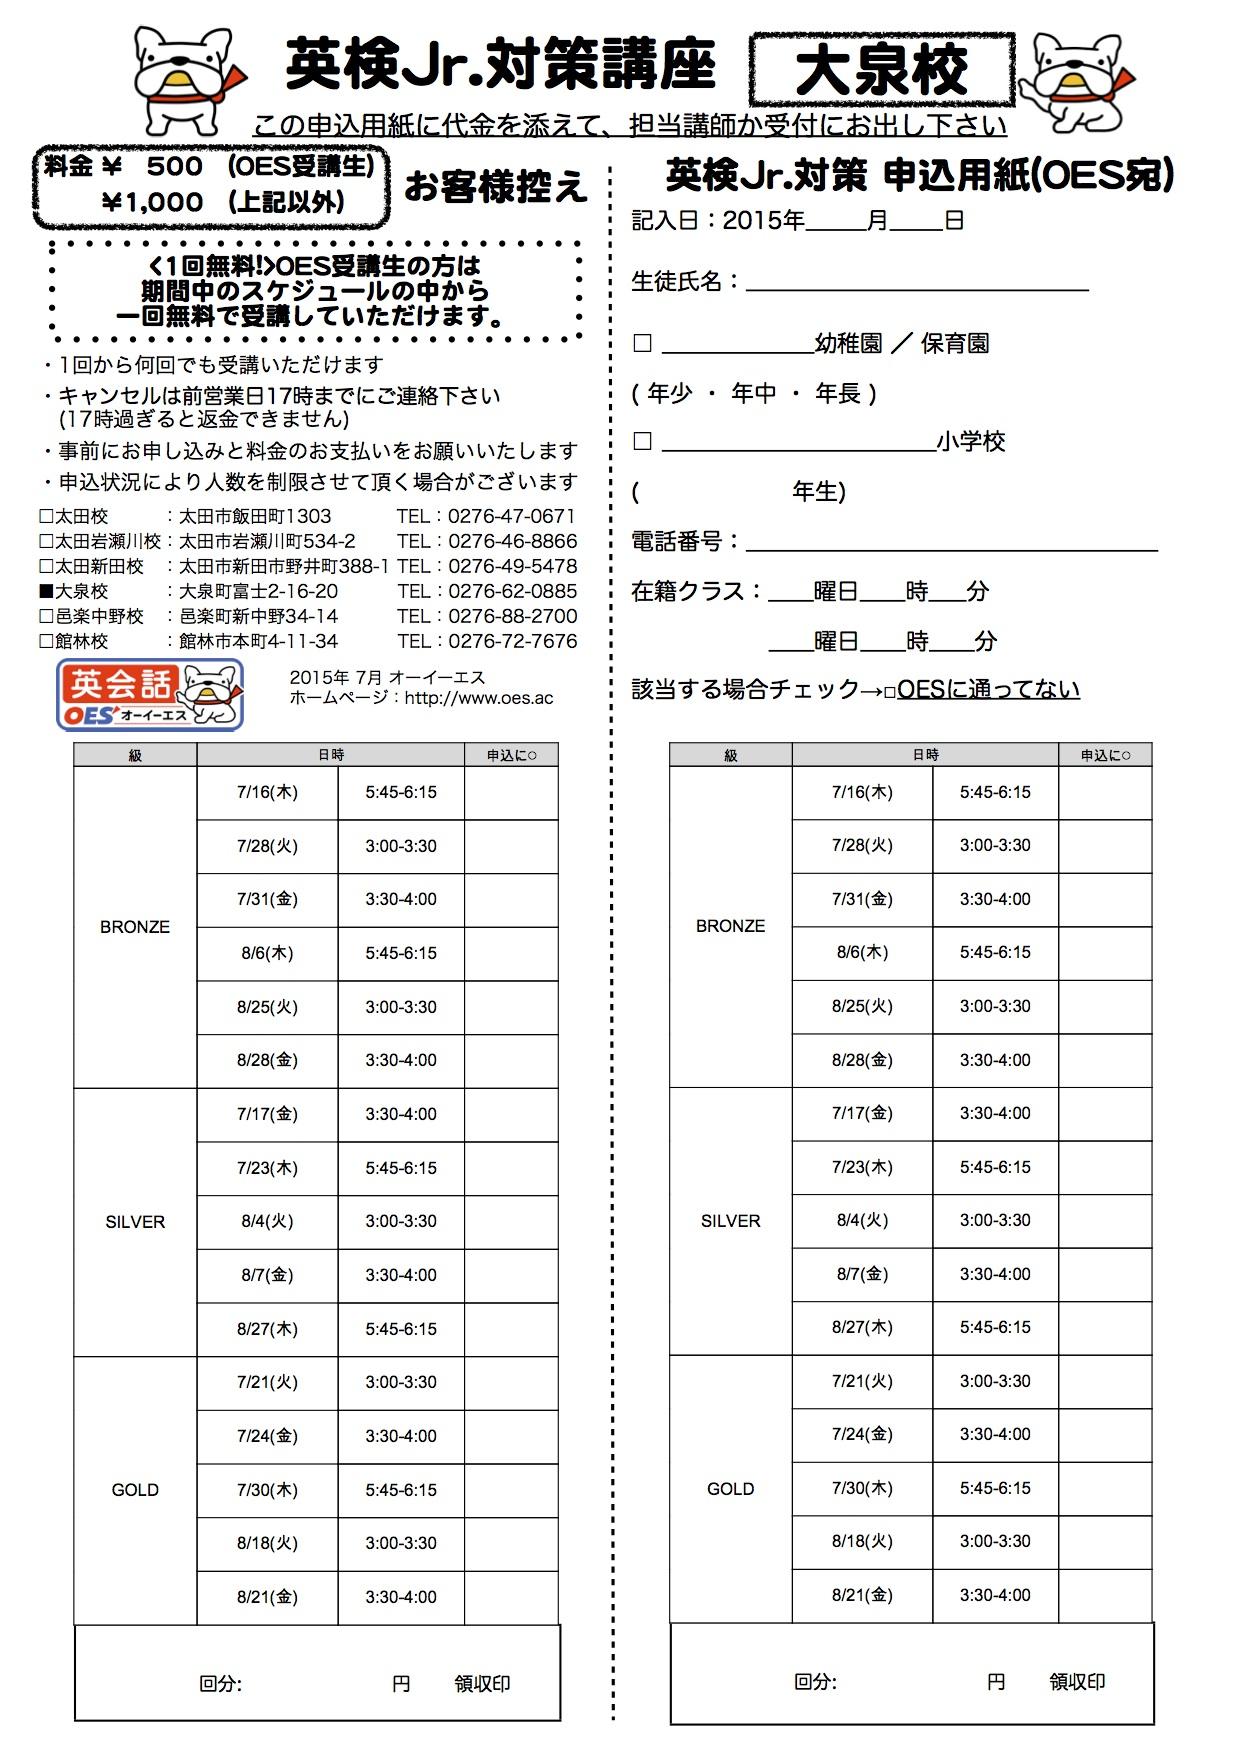 申込用紙 2015-2 大泉校.